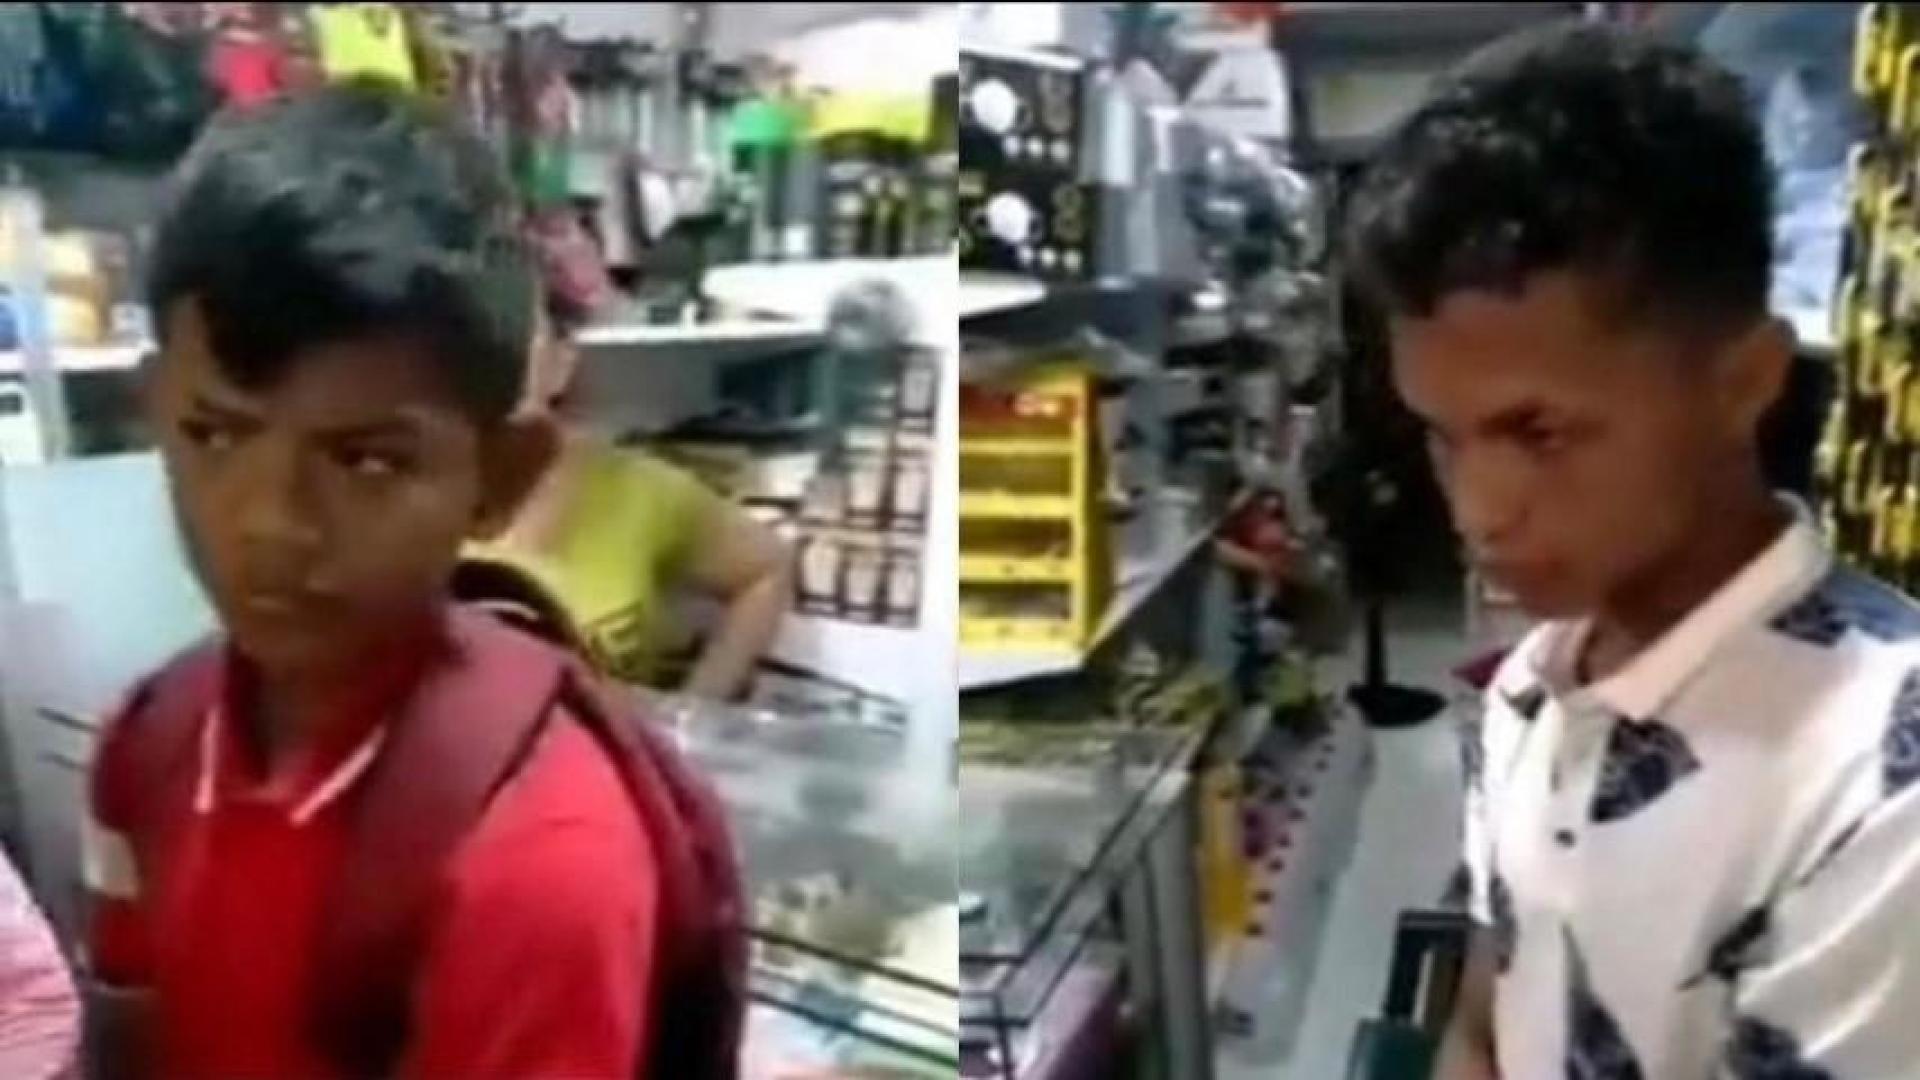 Colombia: Aparecen con tiro de gracia dos jovenes Venezolanos uno de 18 y otro de 13 años acusados de robar en una tienda